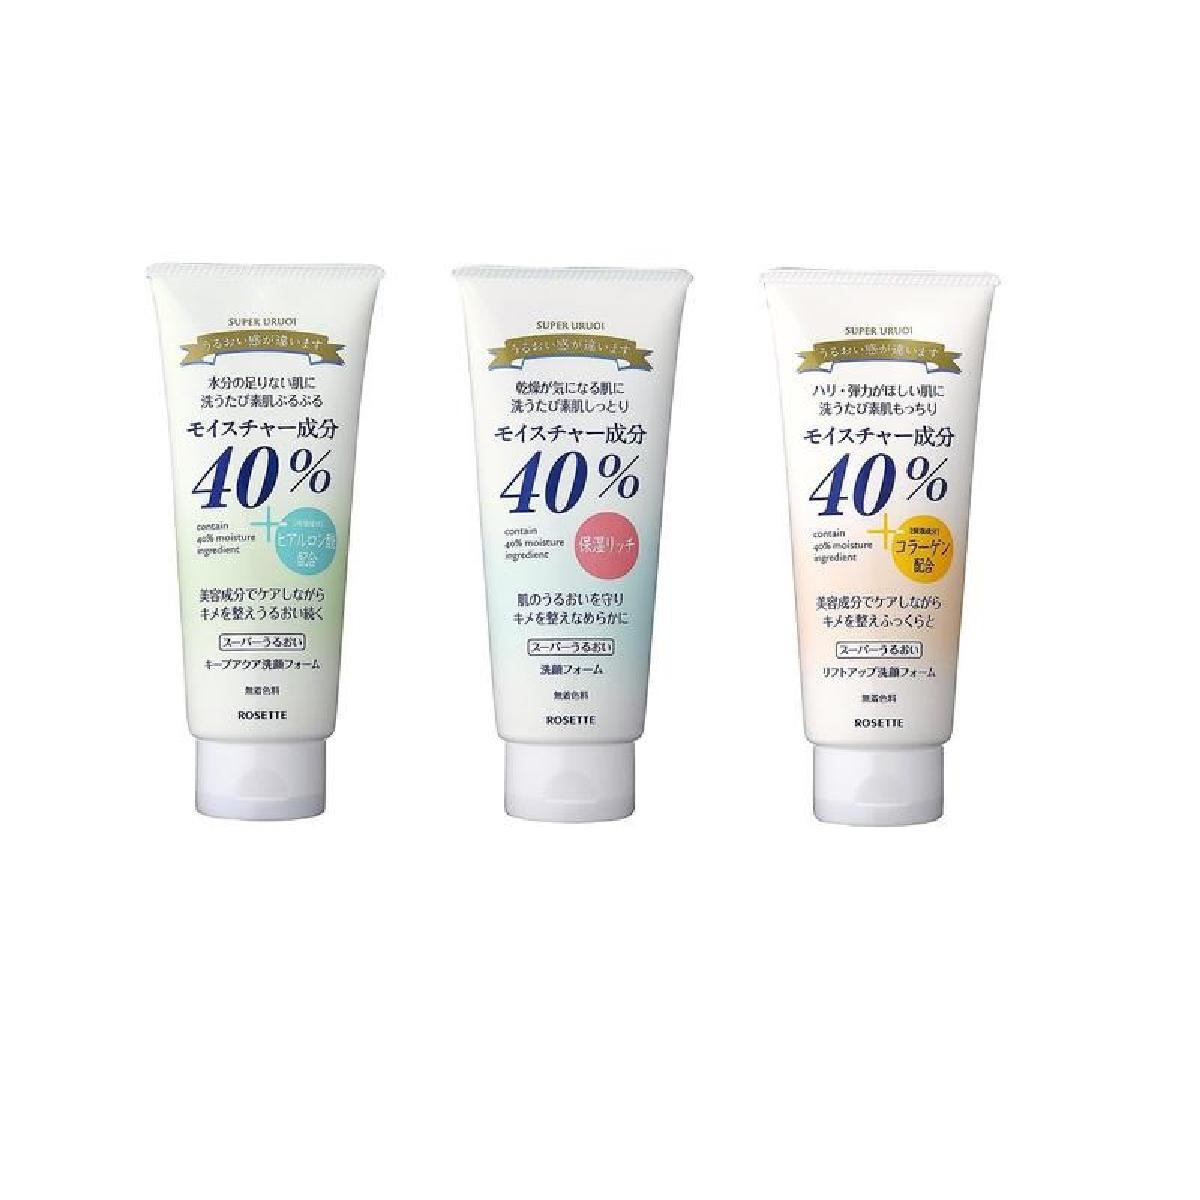 Rosette 40% Super Uruoi Facial Cleansing Foam